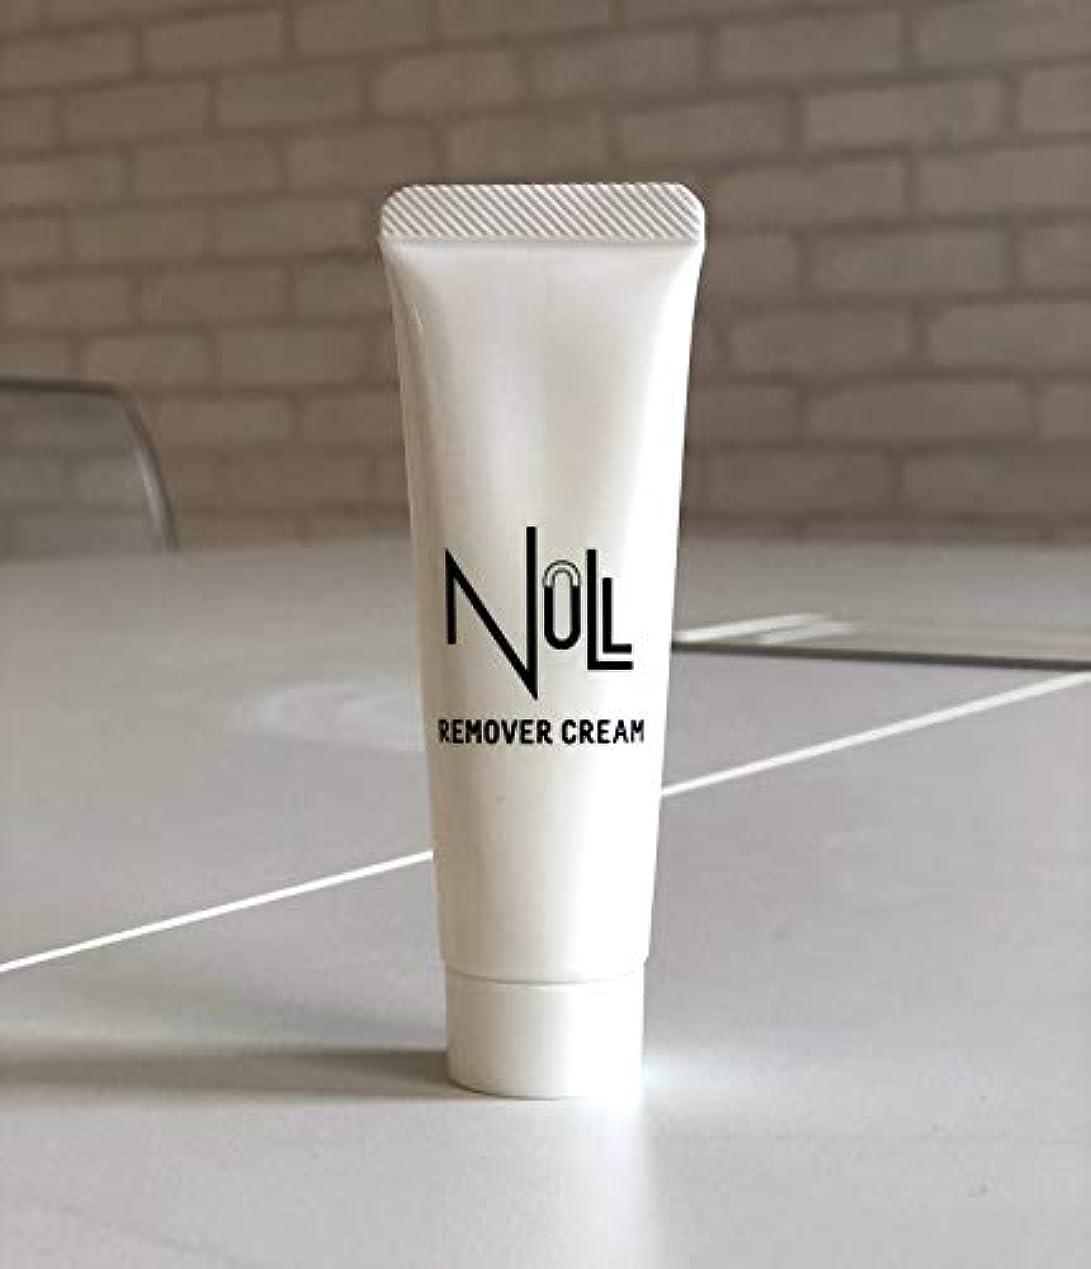 カリキュラムダウンタウン膿瘍NULL メンズ 薬用リムーバークリーム 除毛クリーム ミニサンプル 20g (陰部/Vライン/アンダーヘア/ボディ用)